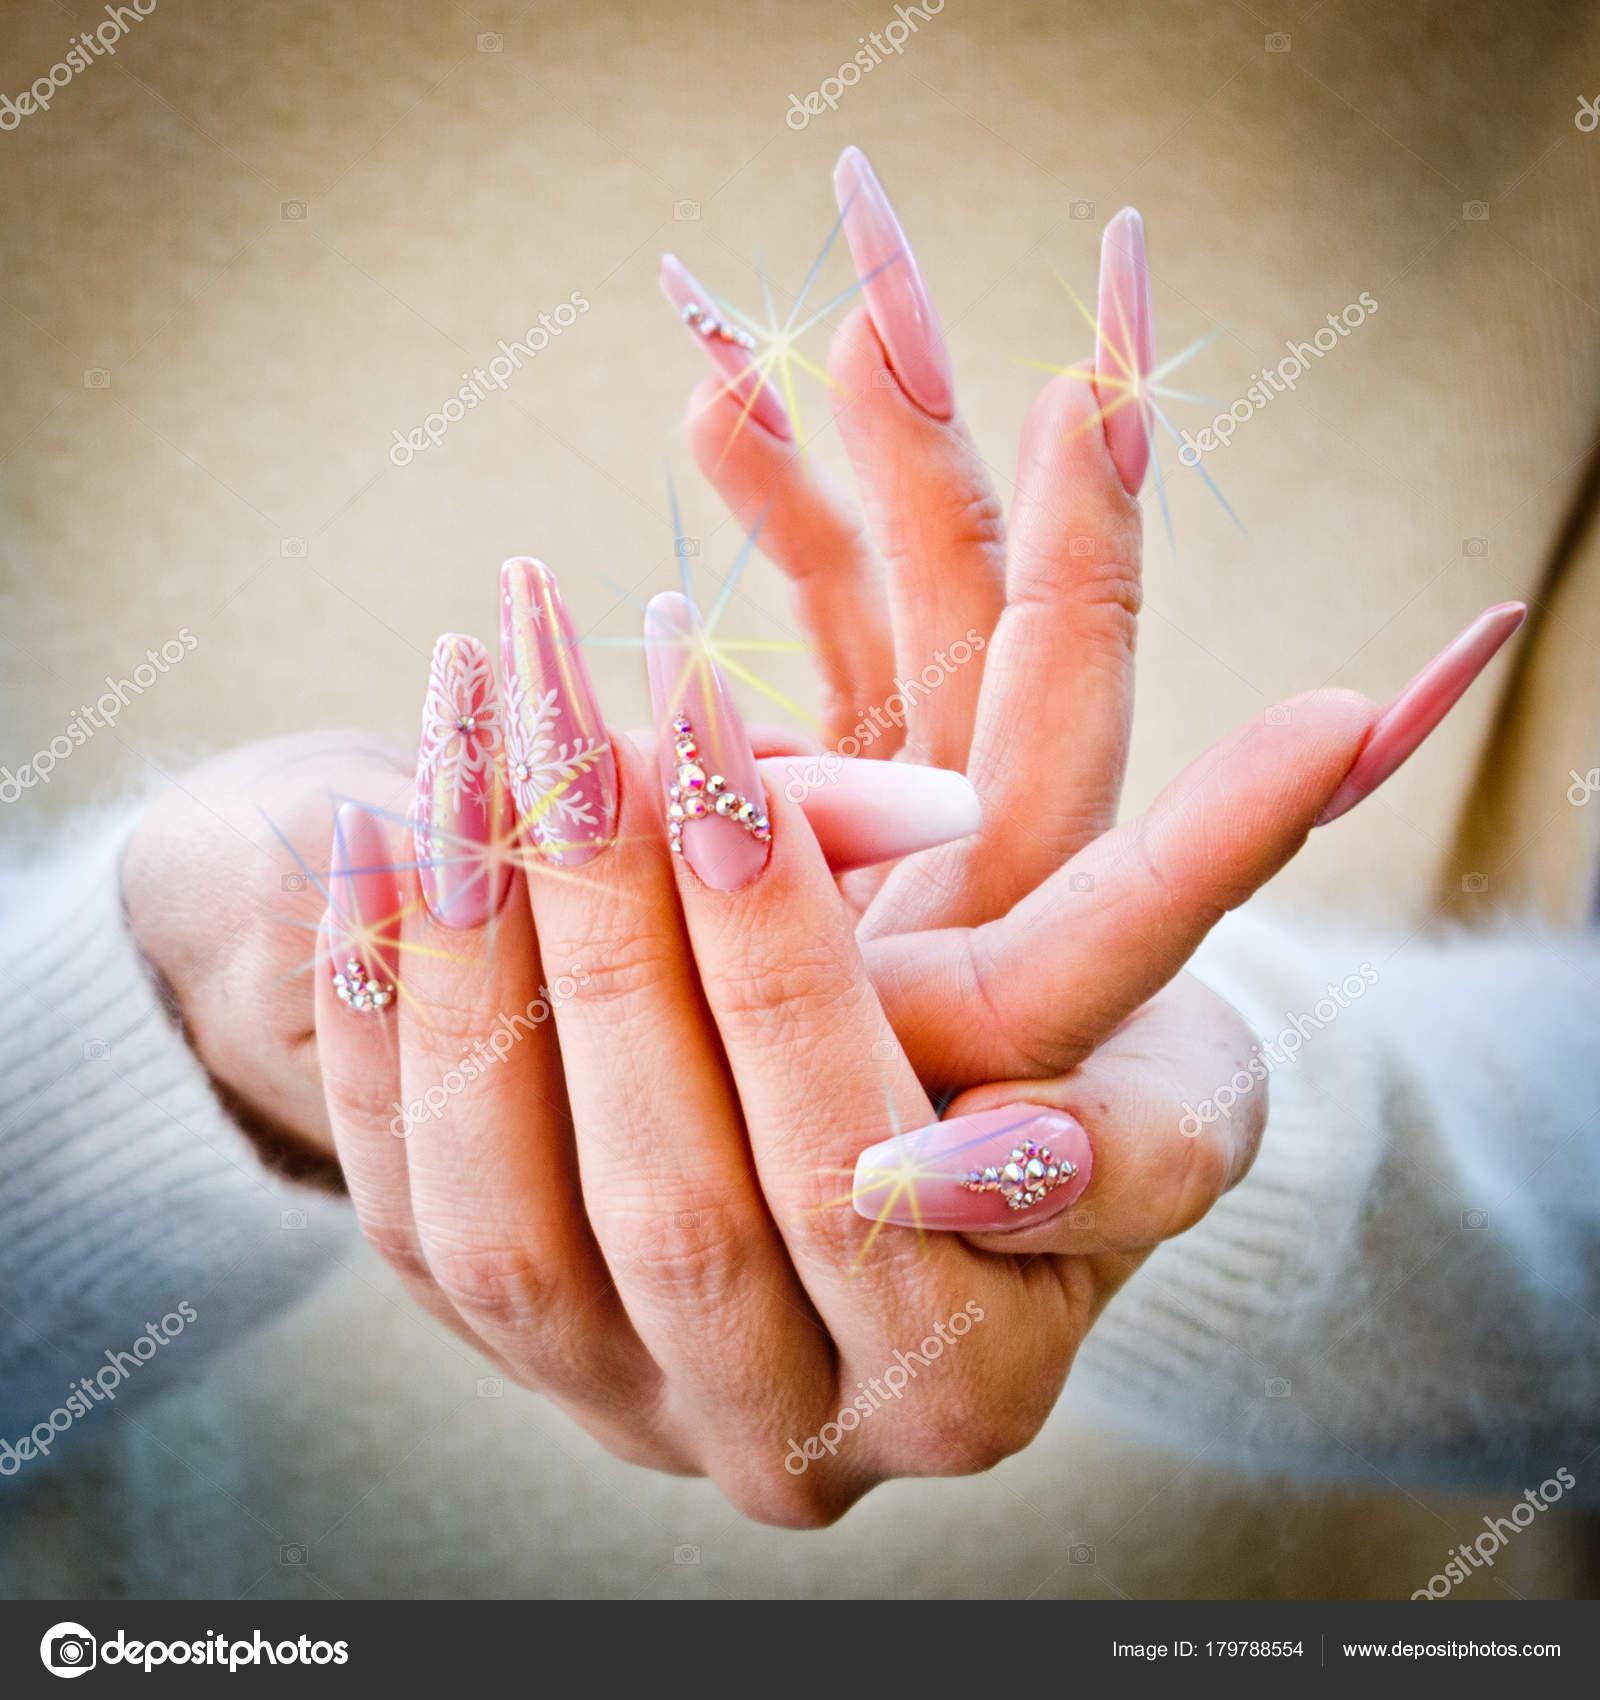 Unas Decoradas Con Color Rosa Y Blanco Fotos De Stock C Pmmart